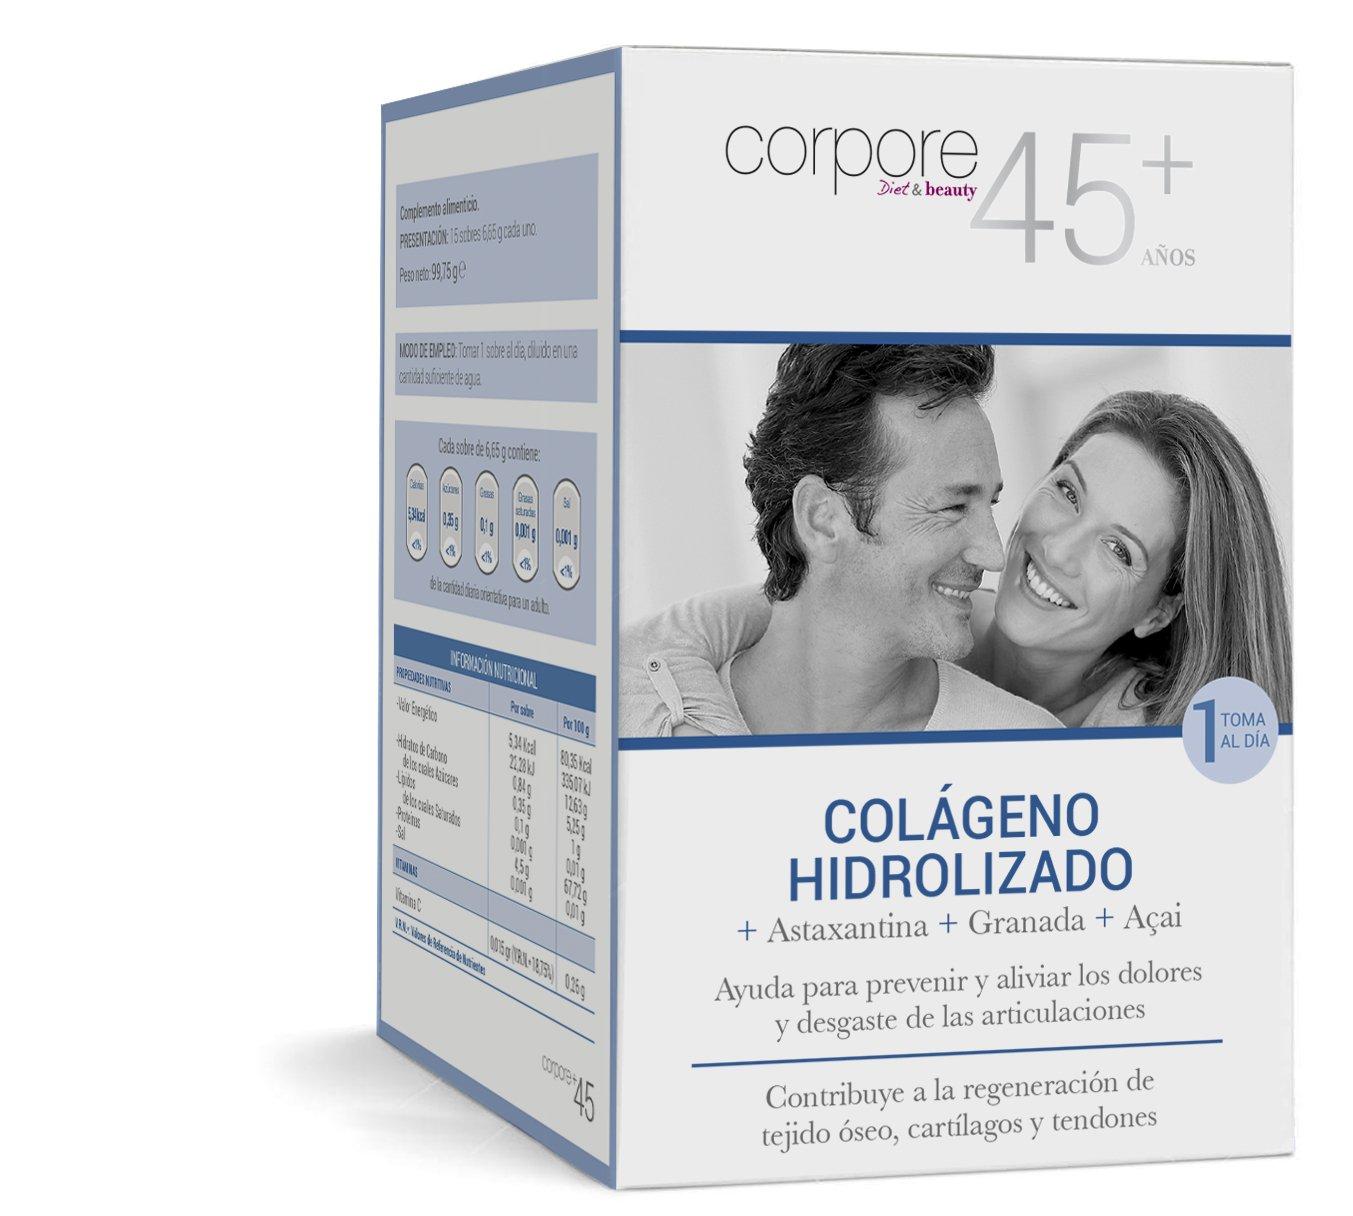 Corpore+45 Sobres de Colágeno Hidrolizado - 15 Unidades: Amazon.es: Salud y cuidado personal